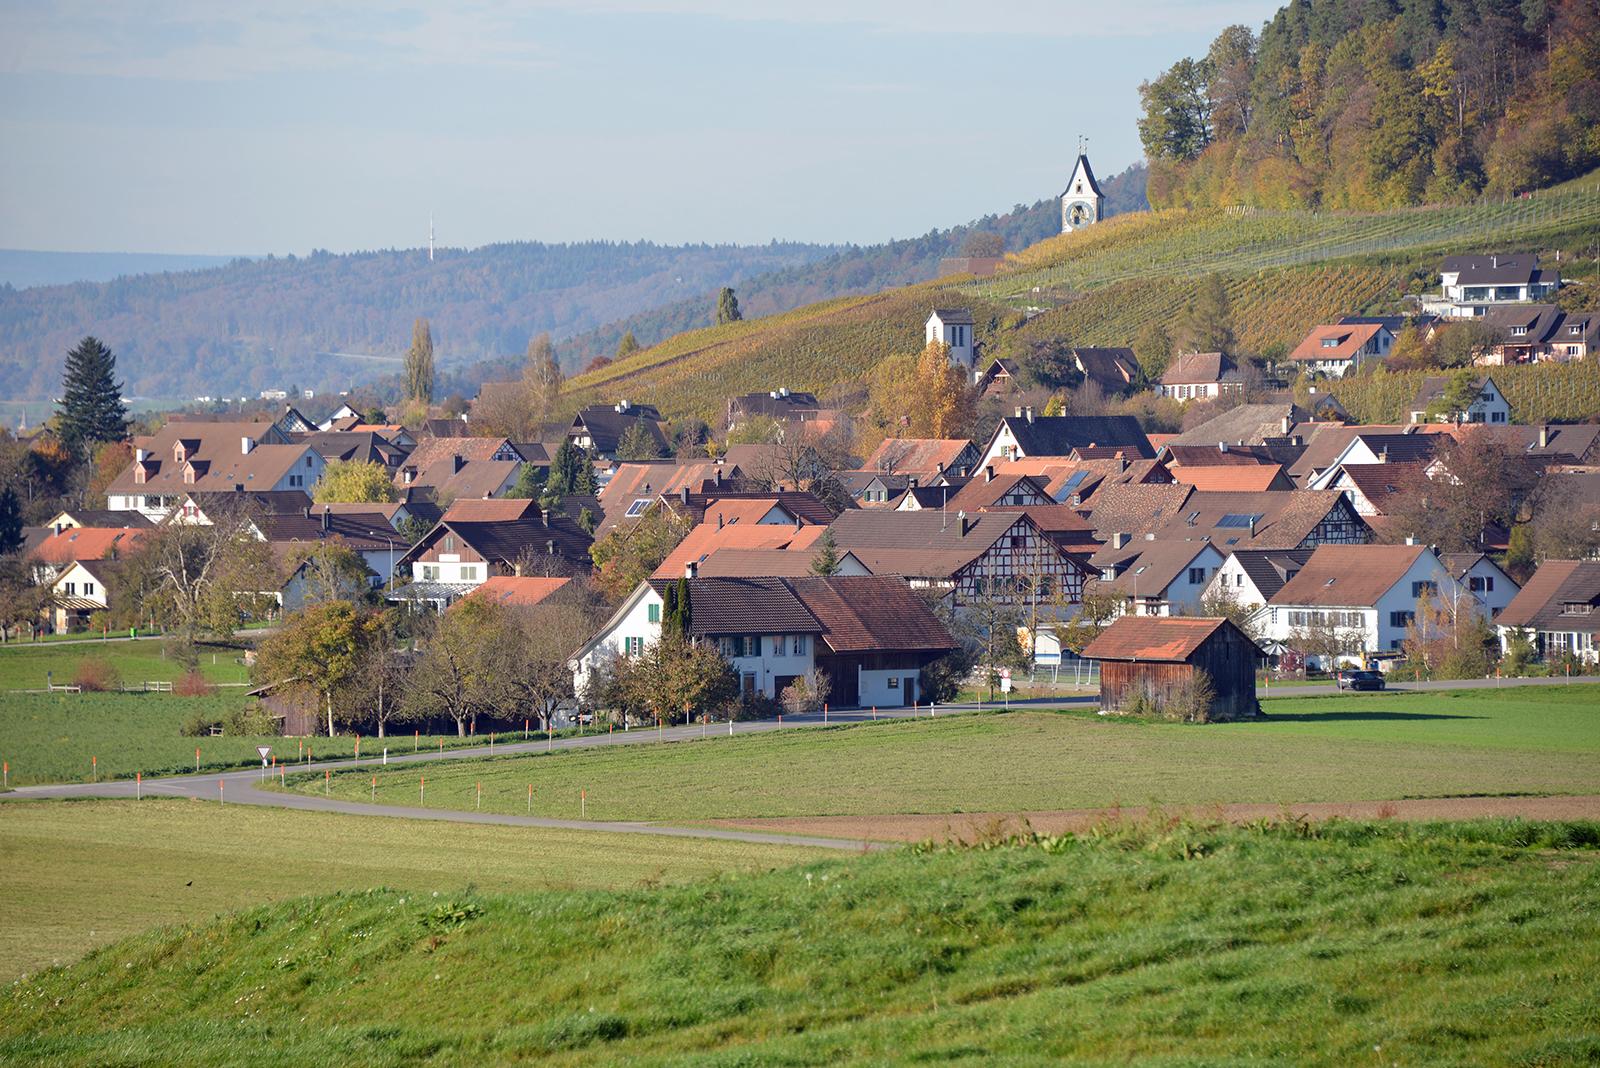 Das Weinland – unbekannte Seiten einer Nahgegend